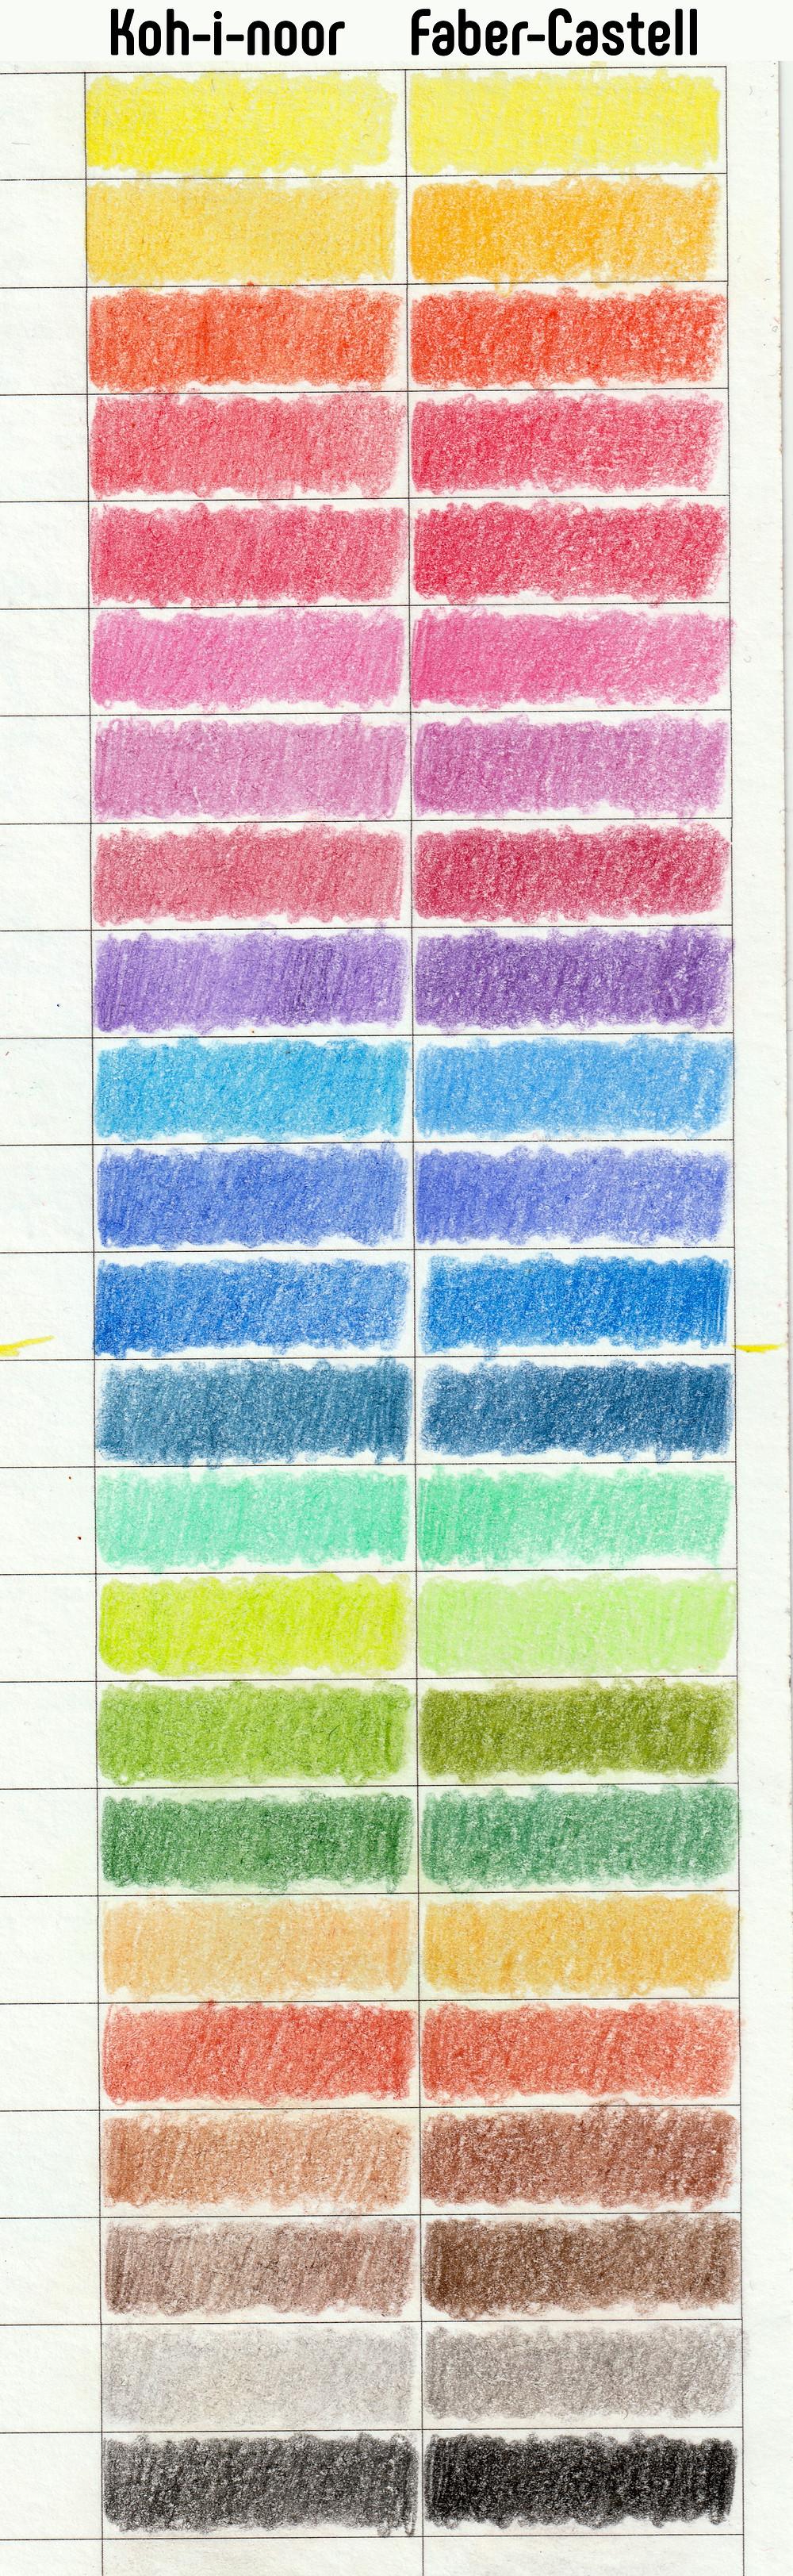 Выкраска карандашей Koh-i-noor Polycolor и Faber-Castell Polychromos